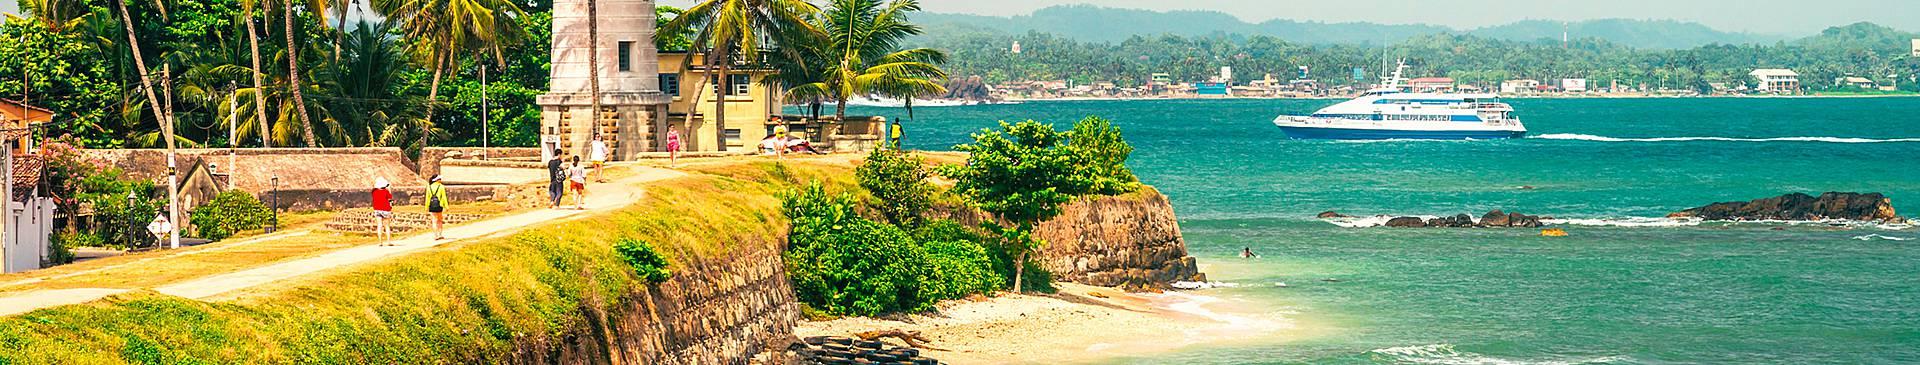 Viaggio al mare in Sri Lanka